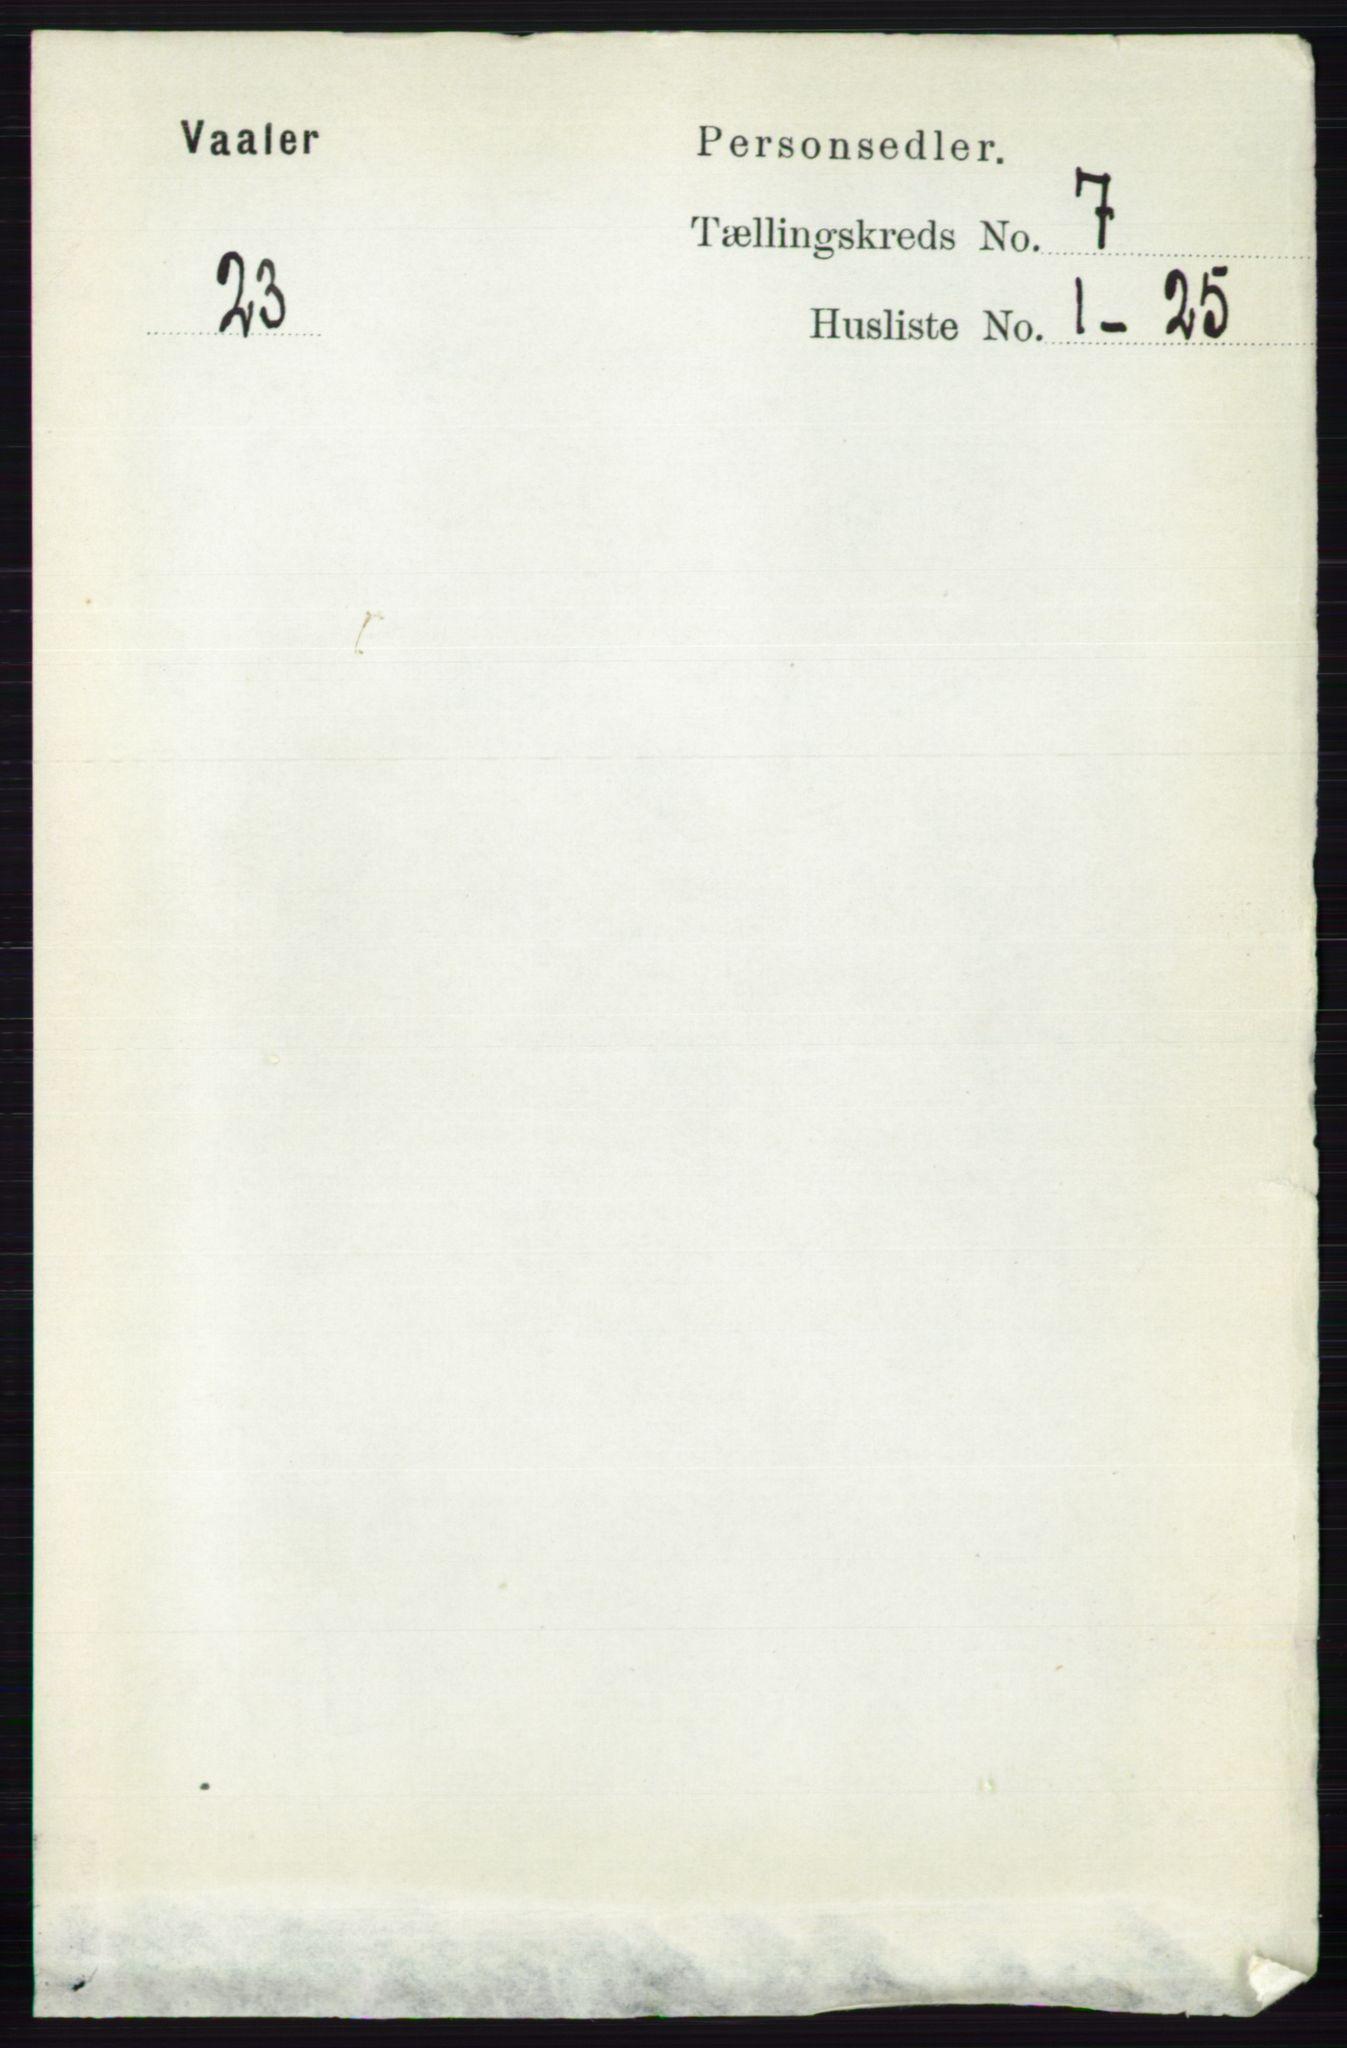 RA, Folketelling 1891 for 0137 Våler herred, 1891, s. 2845